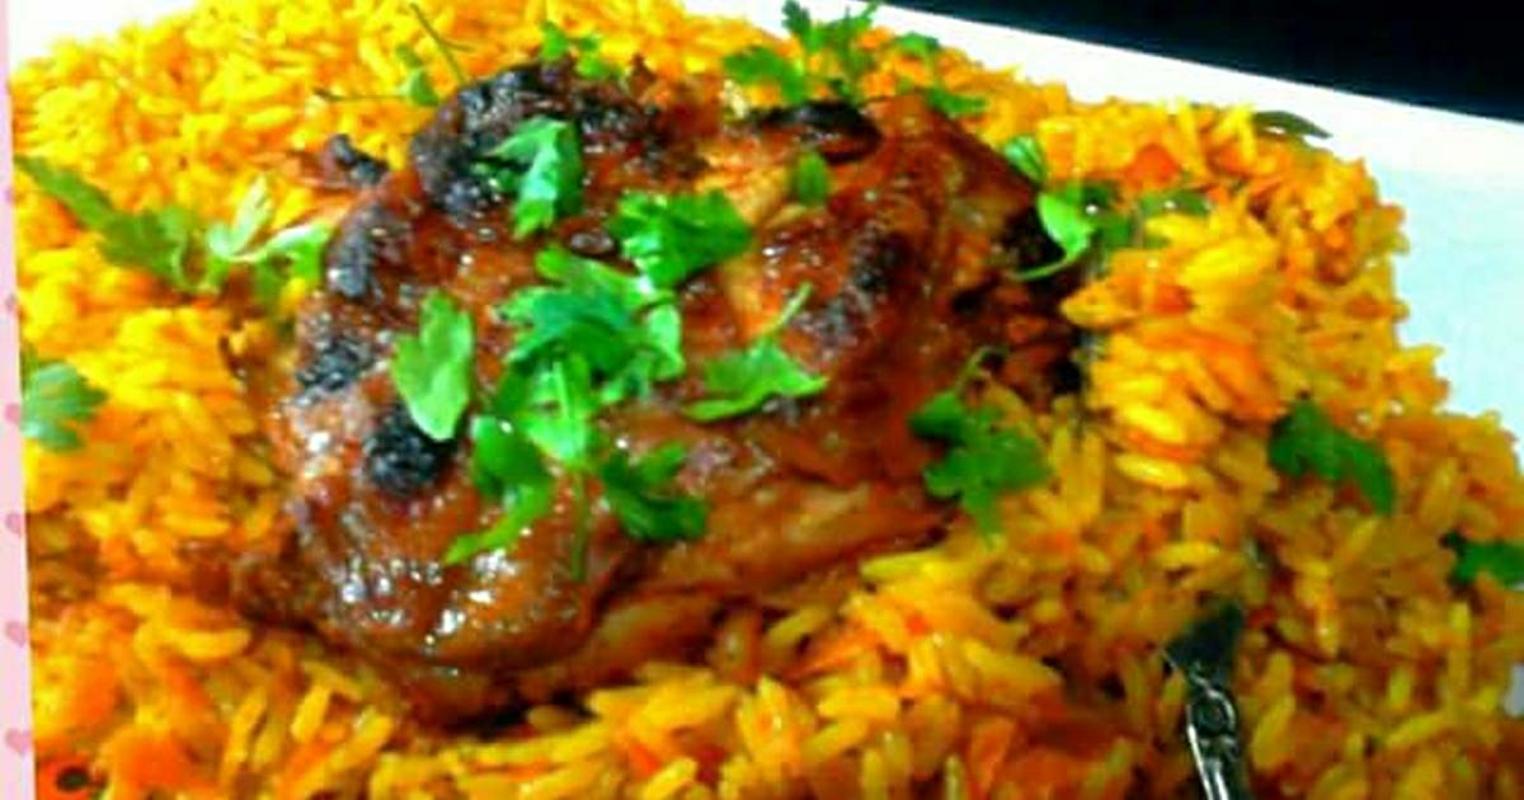 طريقة عمل الدجاج المسحب والأرز البسمتى بالكارى